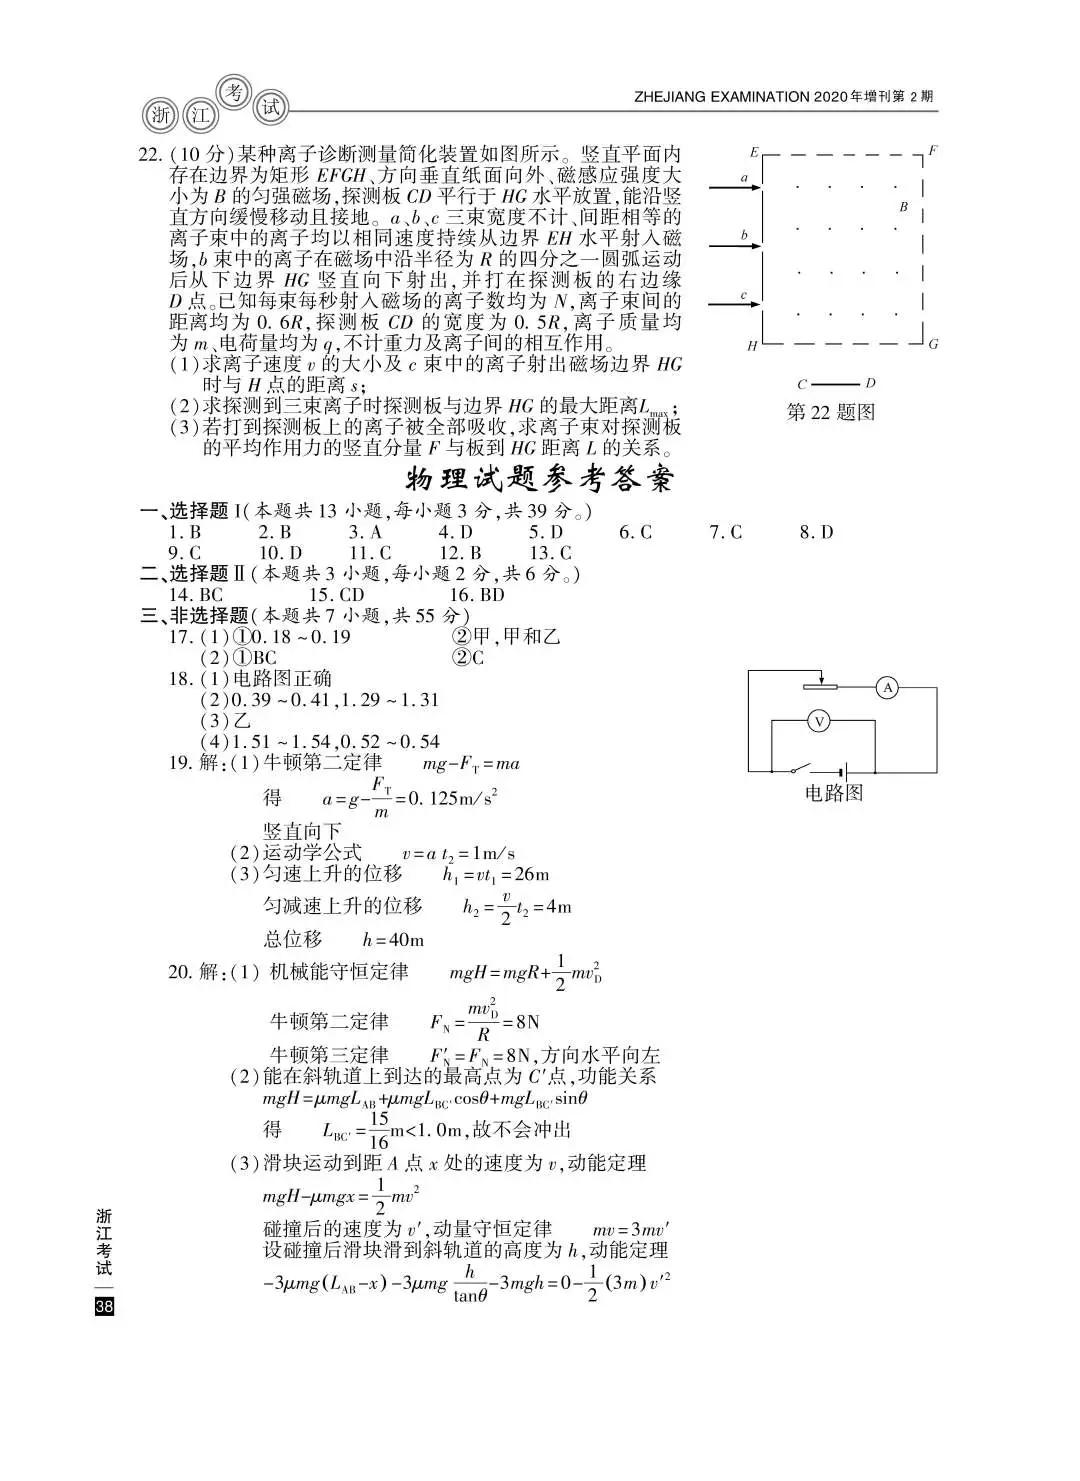 2020浙江高考物理真题试卷6